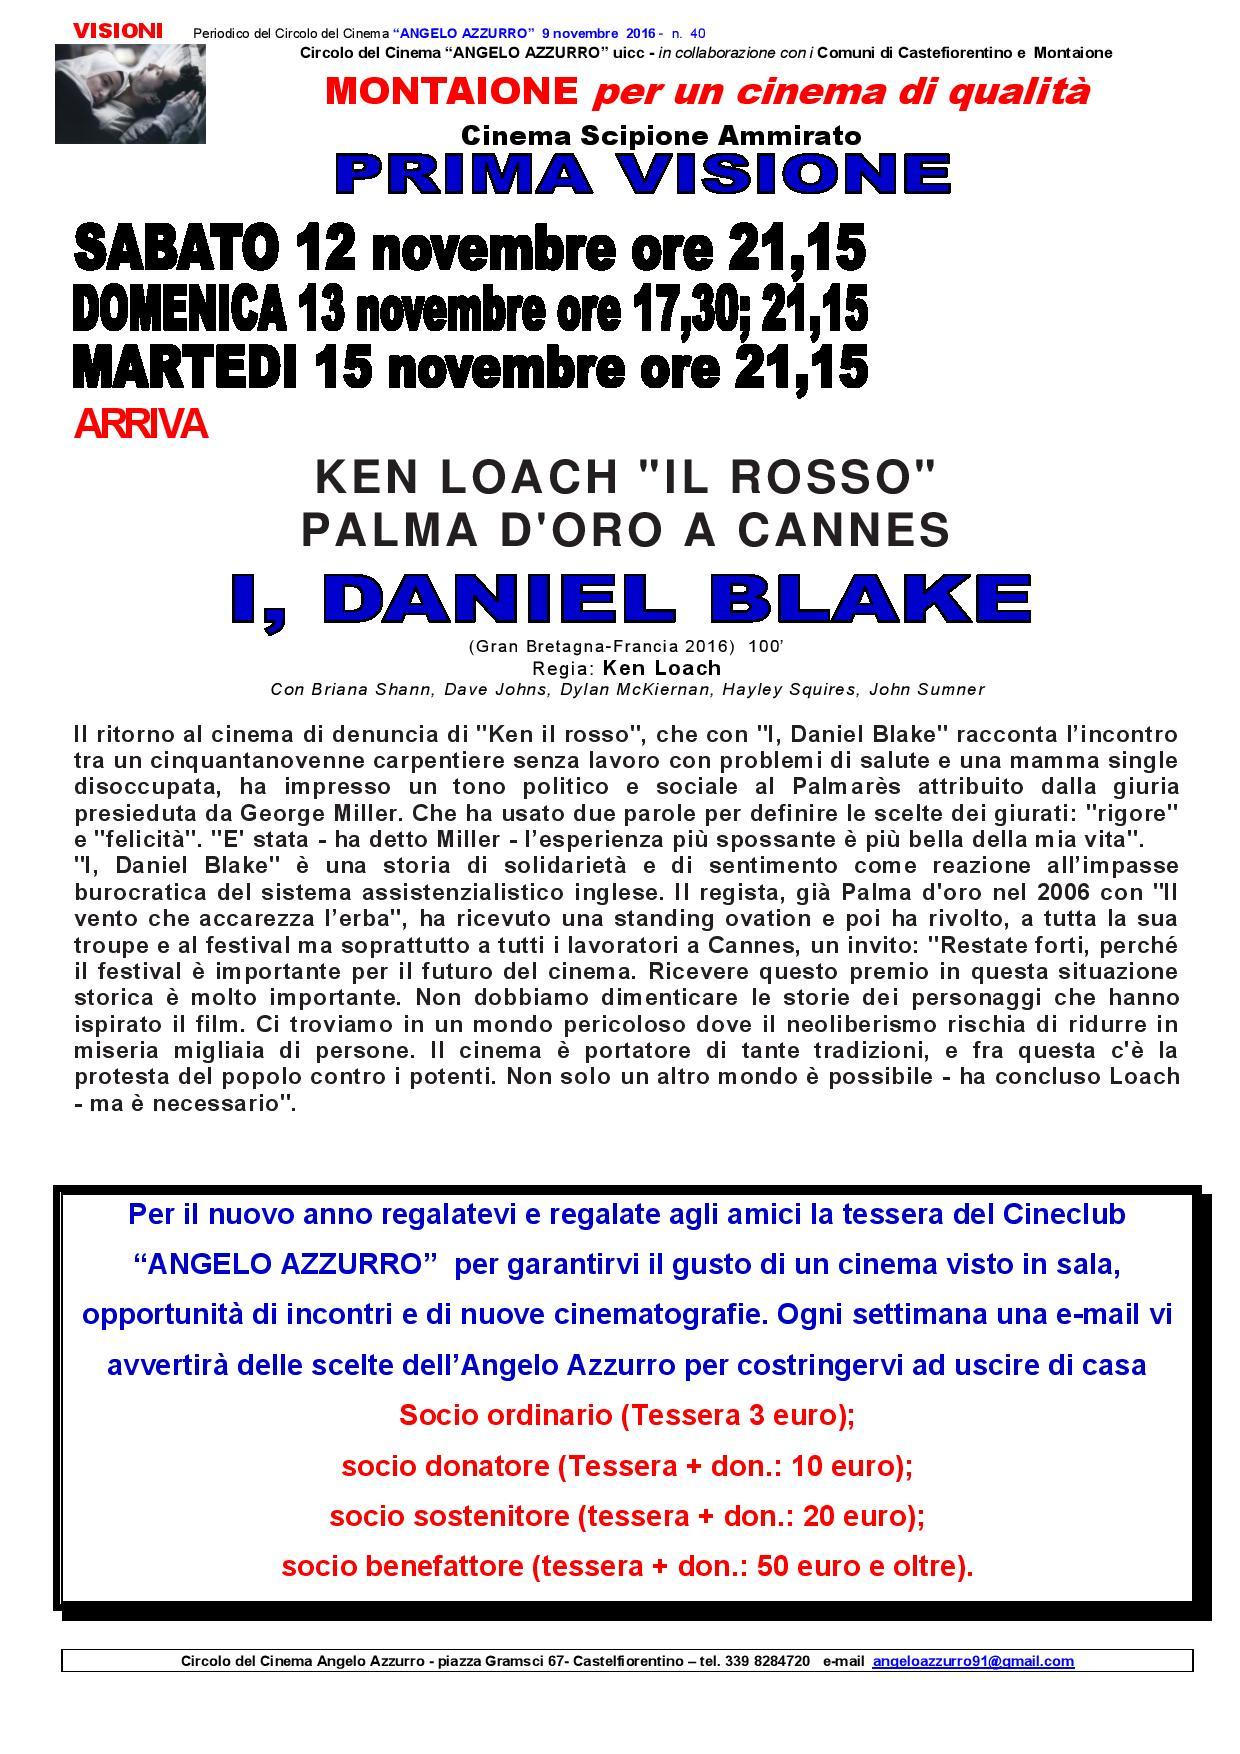 d-blake-40-bollettino-9-novembre-2016-page-001